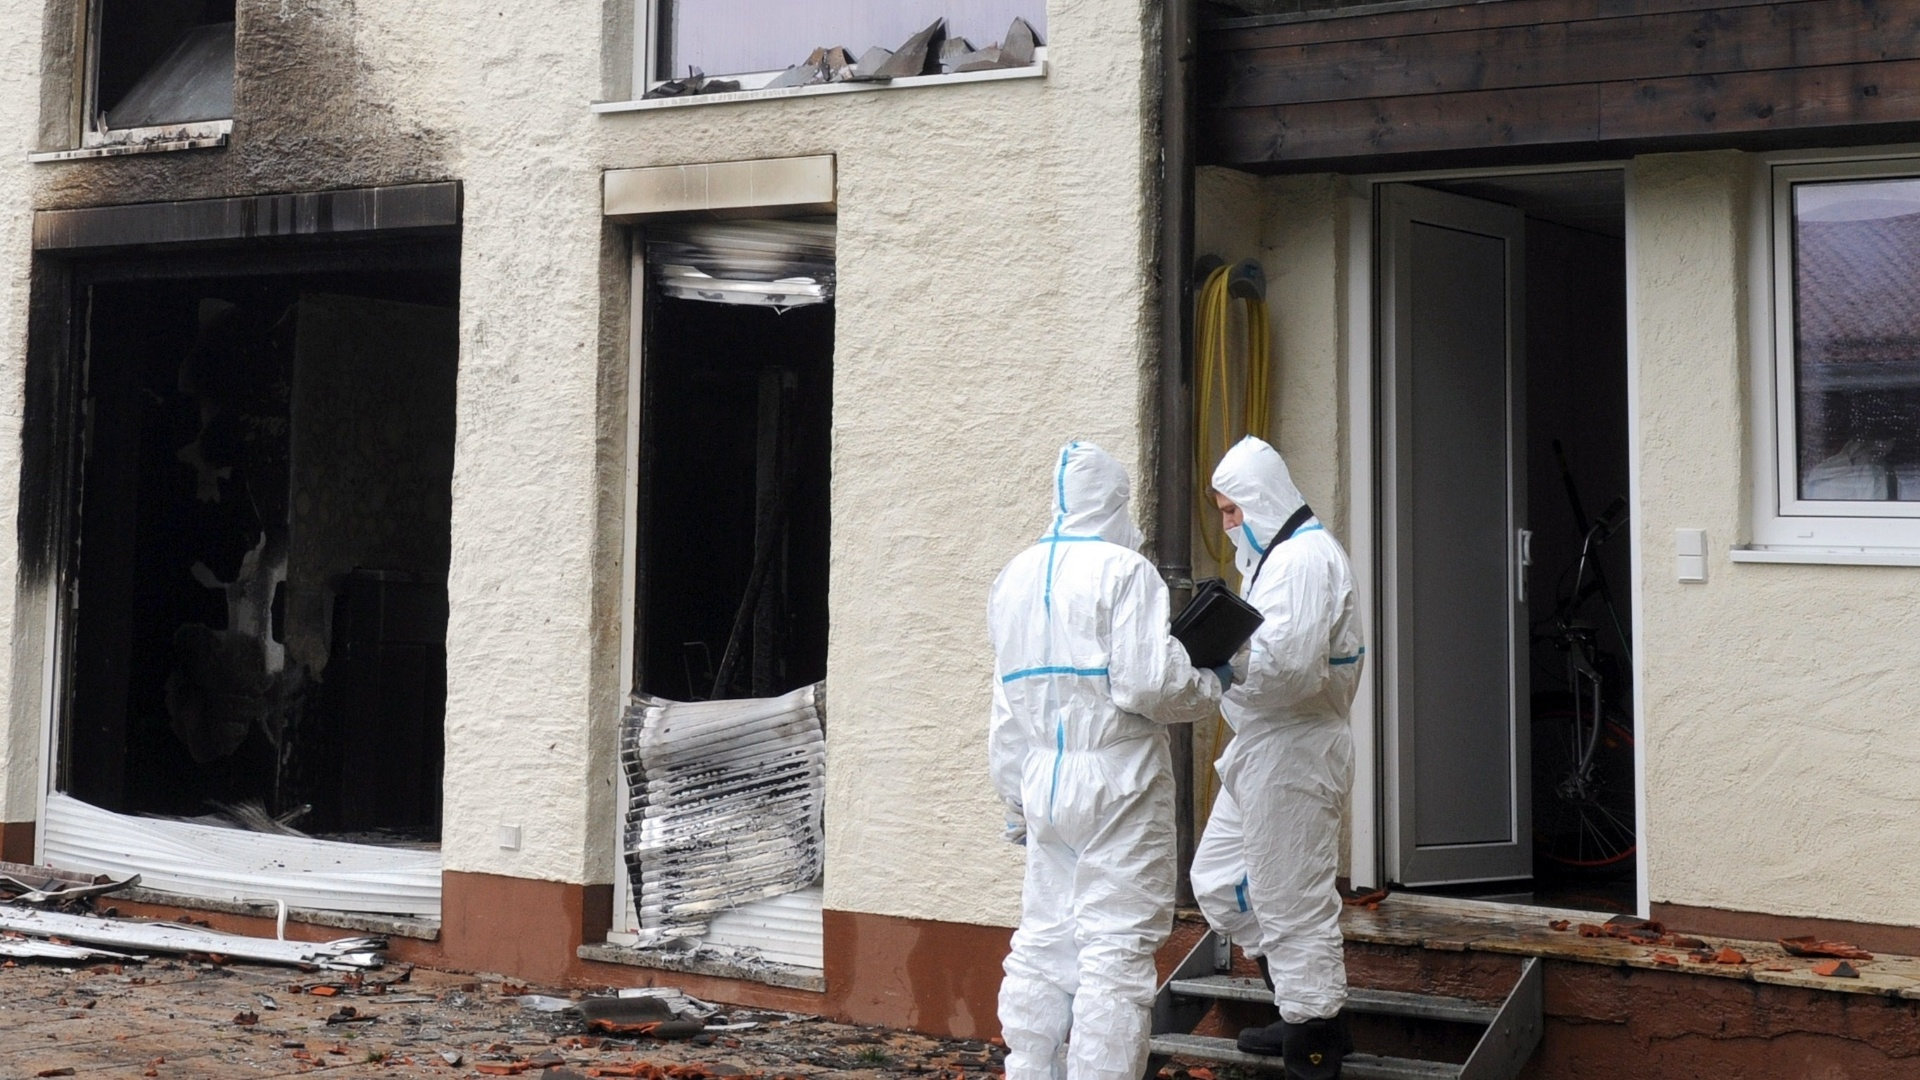 Peritos analisam as possíveis causas do incêndio que praticamente destruiu a casa do zagueiro Breno. Jogador do Bayern de Munique levou um susto e não sofreu ferimentos graves, mas foi levado ao hospital por ter inalado muita fumaça